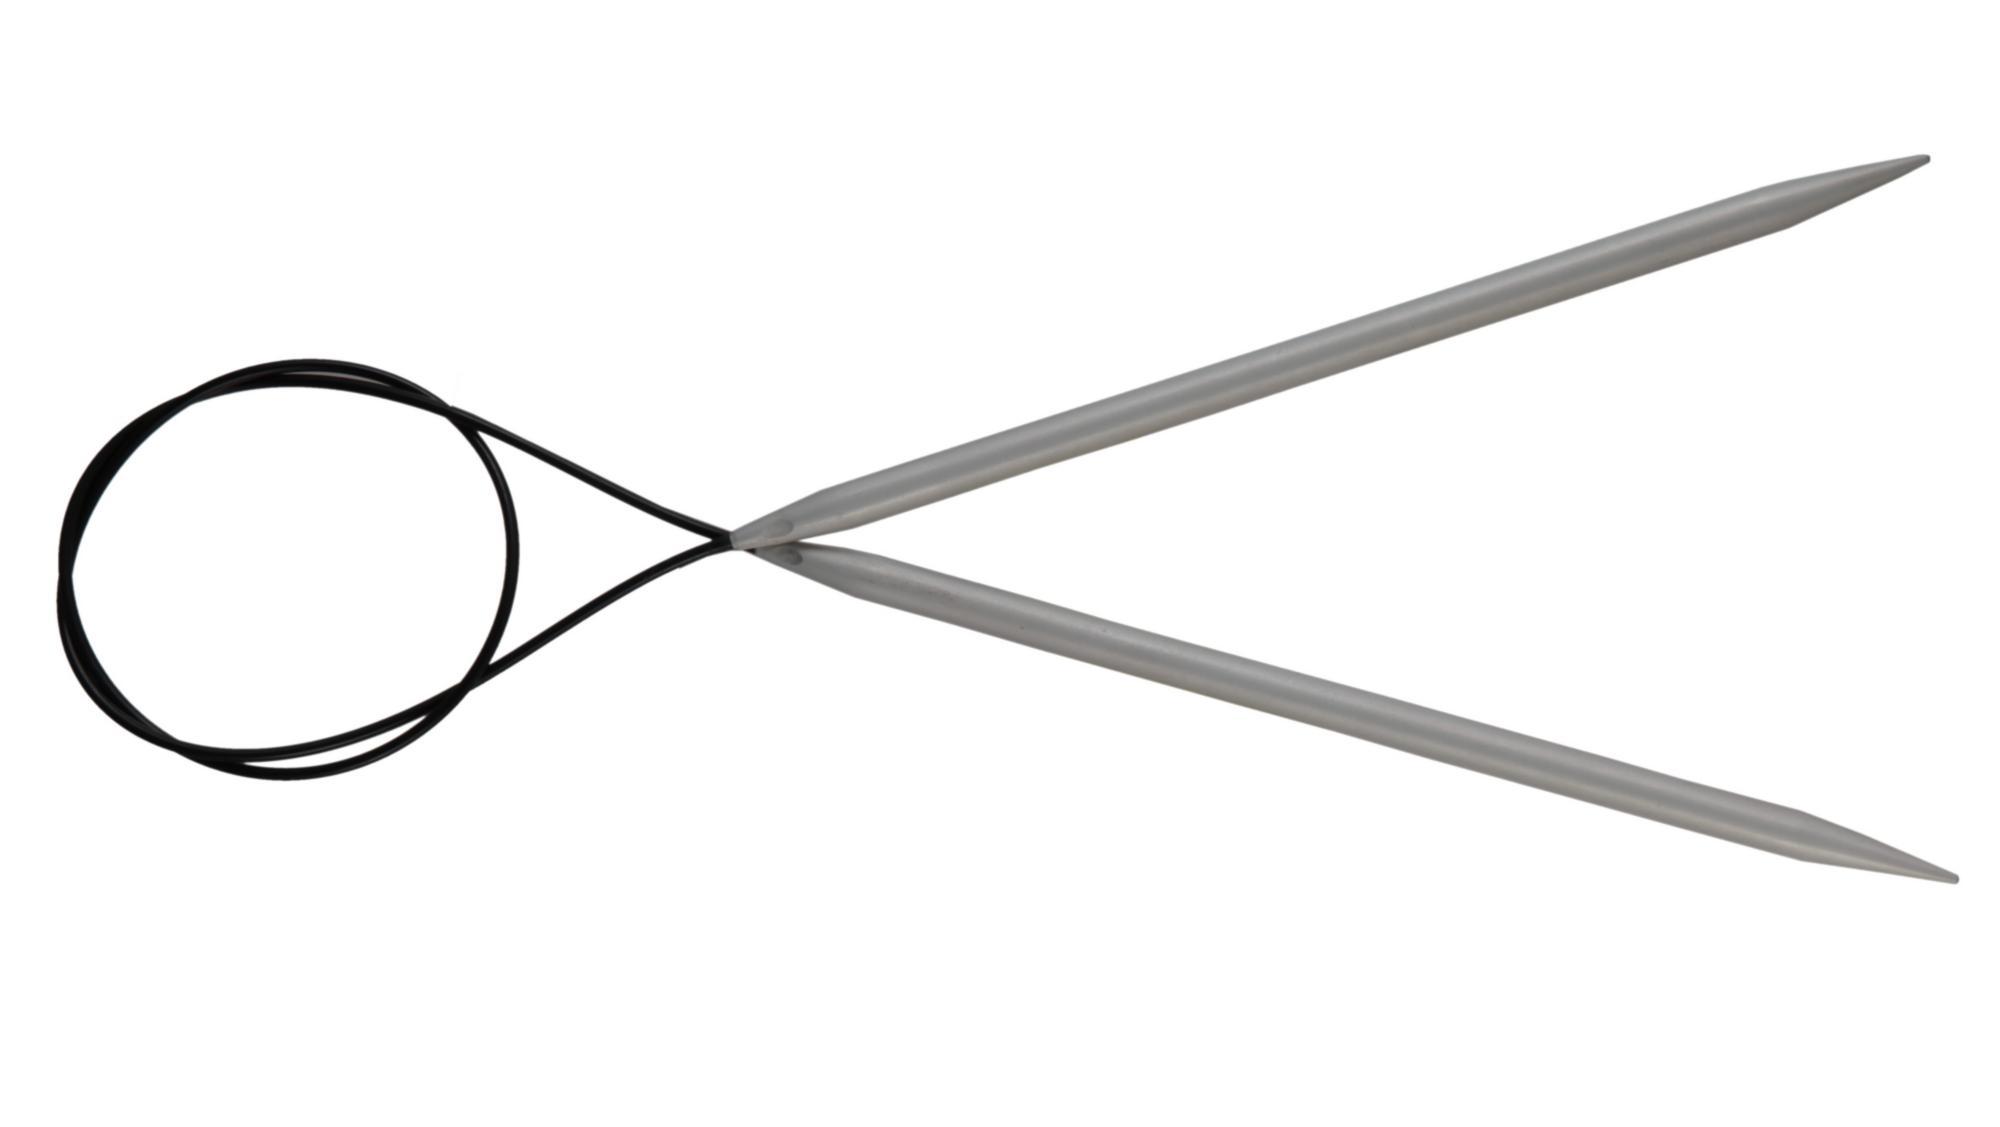 Спицы круговые 100 см Basix Aluminium KnitPro, 45345, 4.00 мм